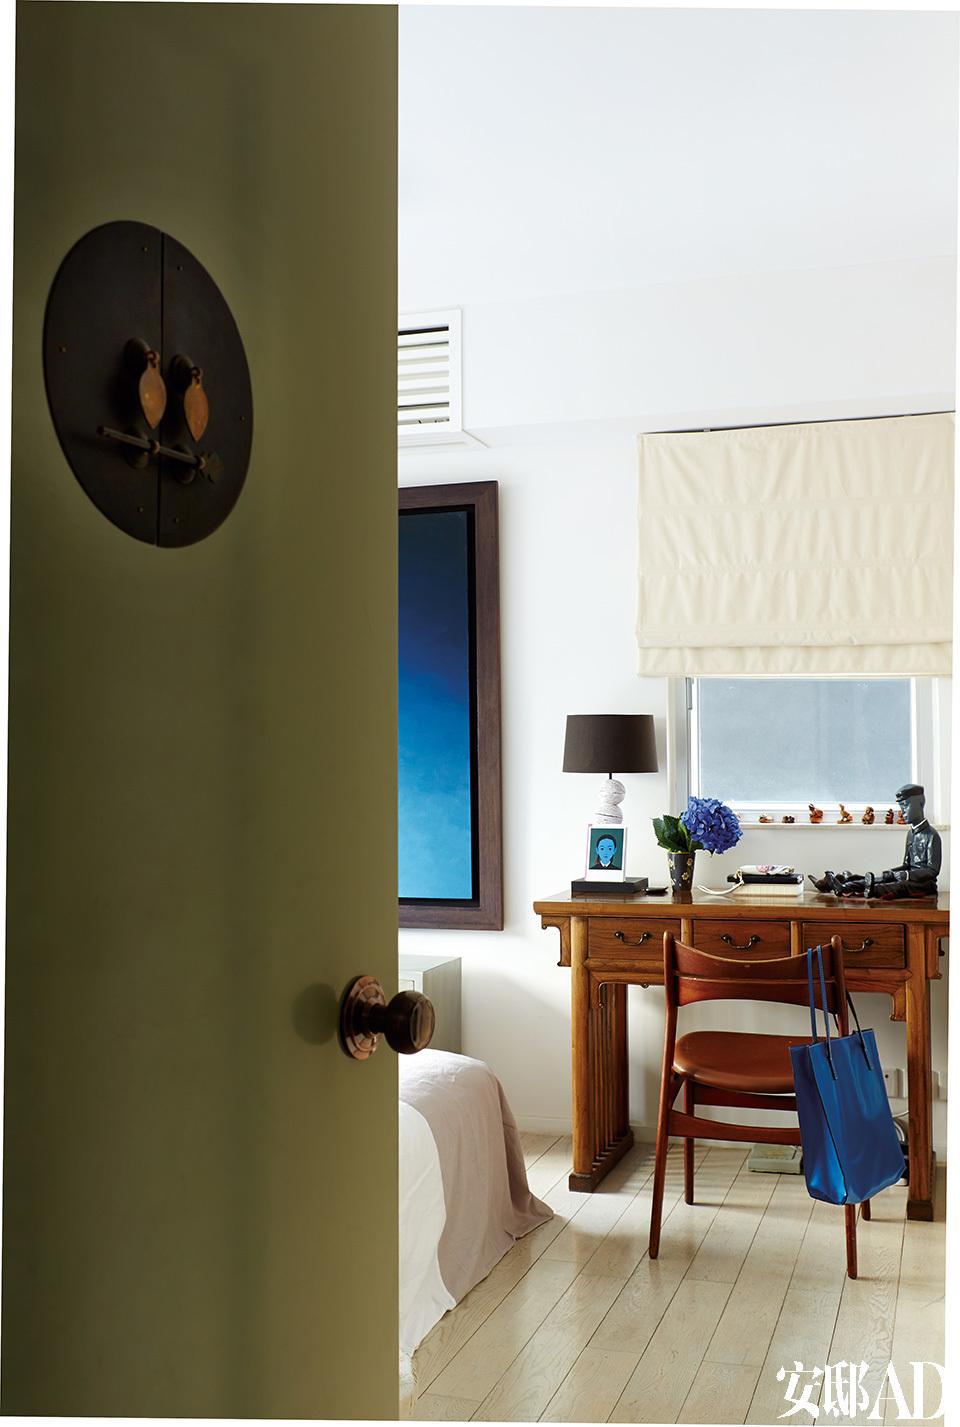 """卧室的门被漆成了调皮的橄榄绿色,装饰性的传统中式门环是点睛之笔。中式古董桌身兼梳妆台和展示柜的双重作用,也是有效利用空间的又一范例。"""" 真正的奢华是能有家的感觉,住在能满足你需要的地方。"""""""